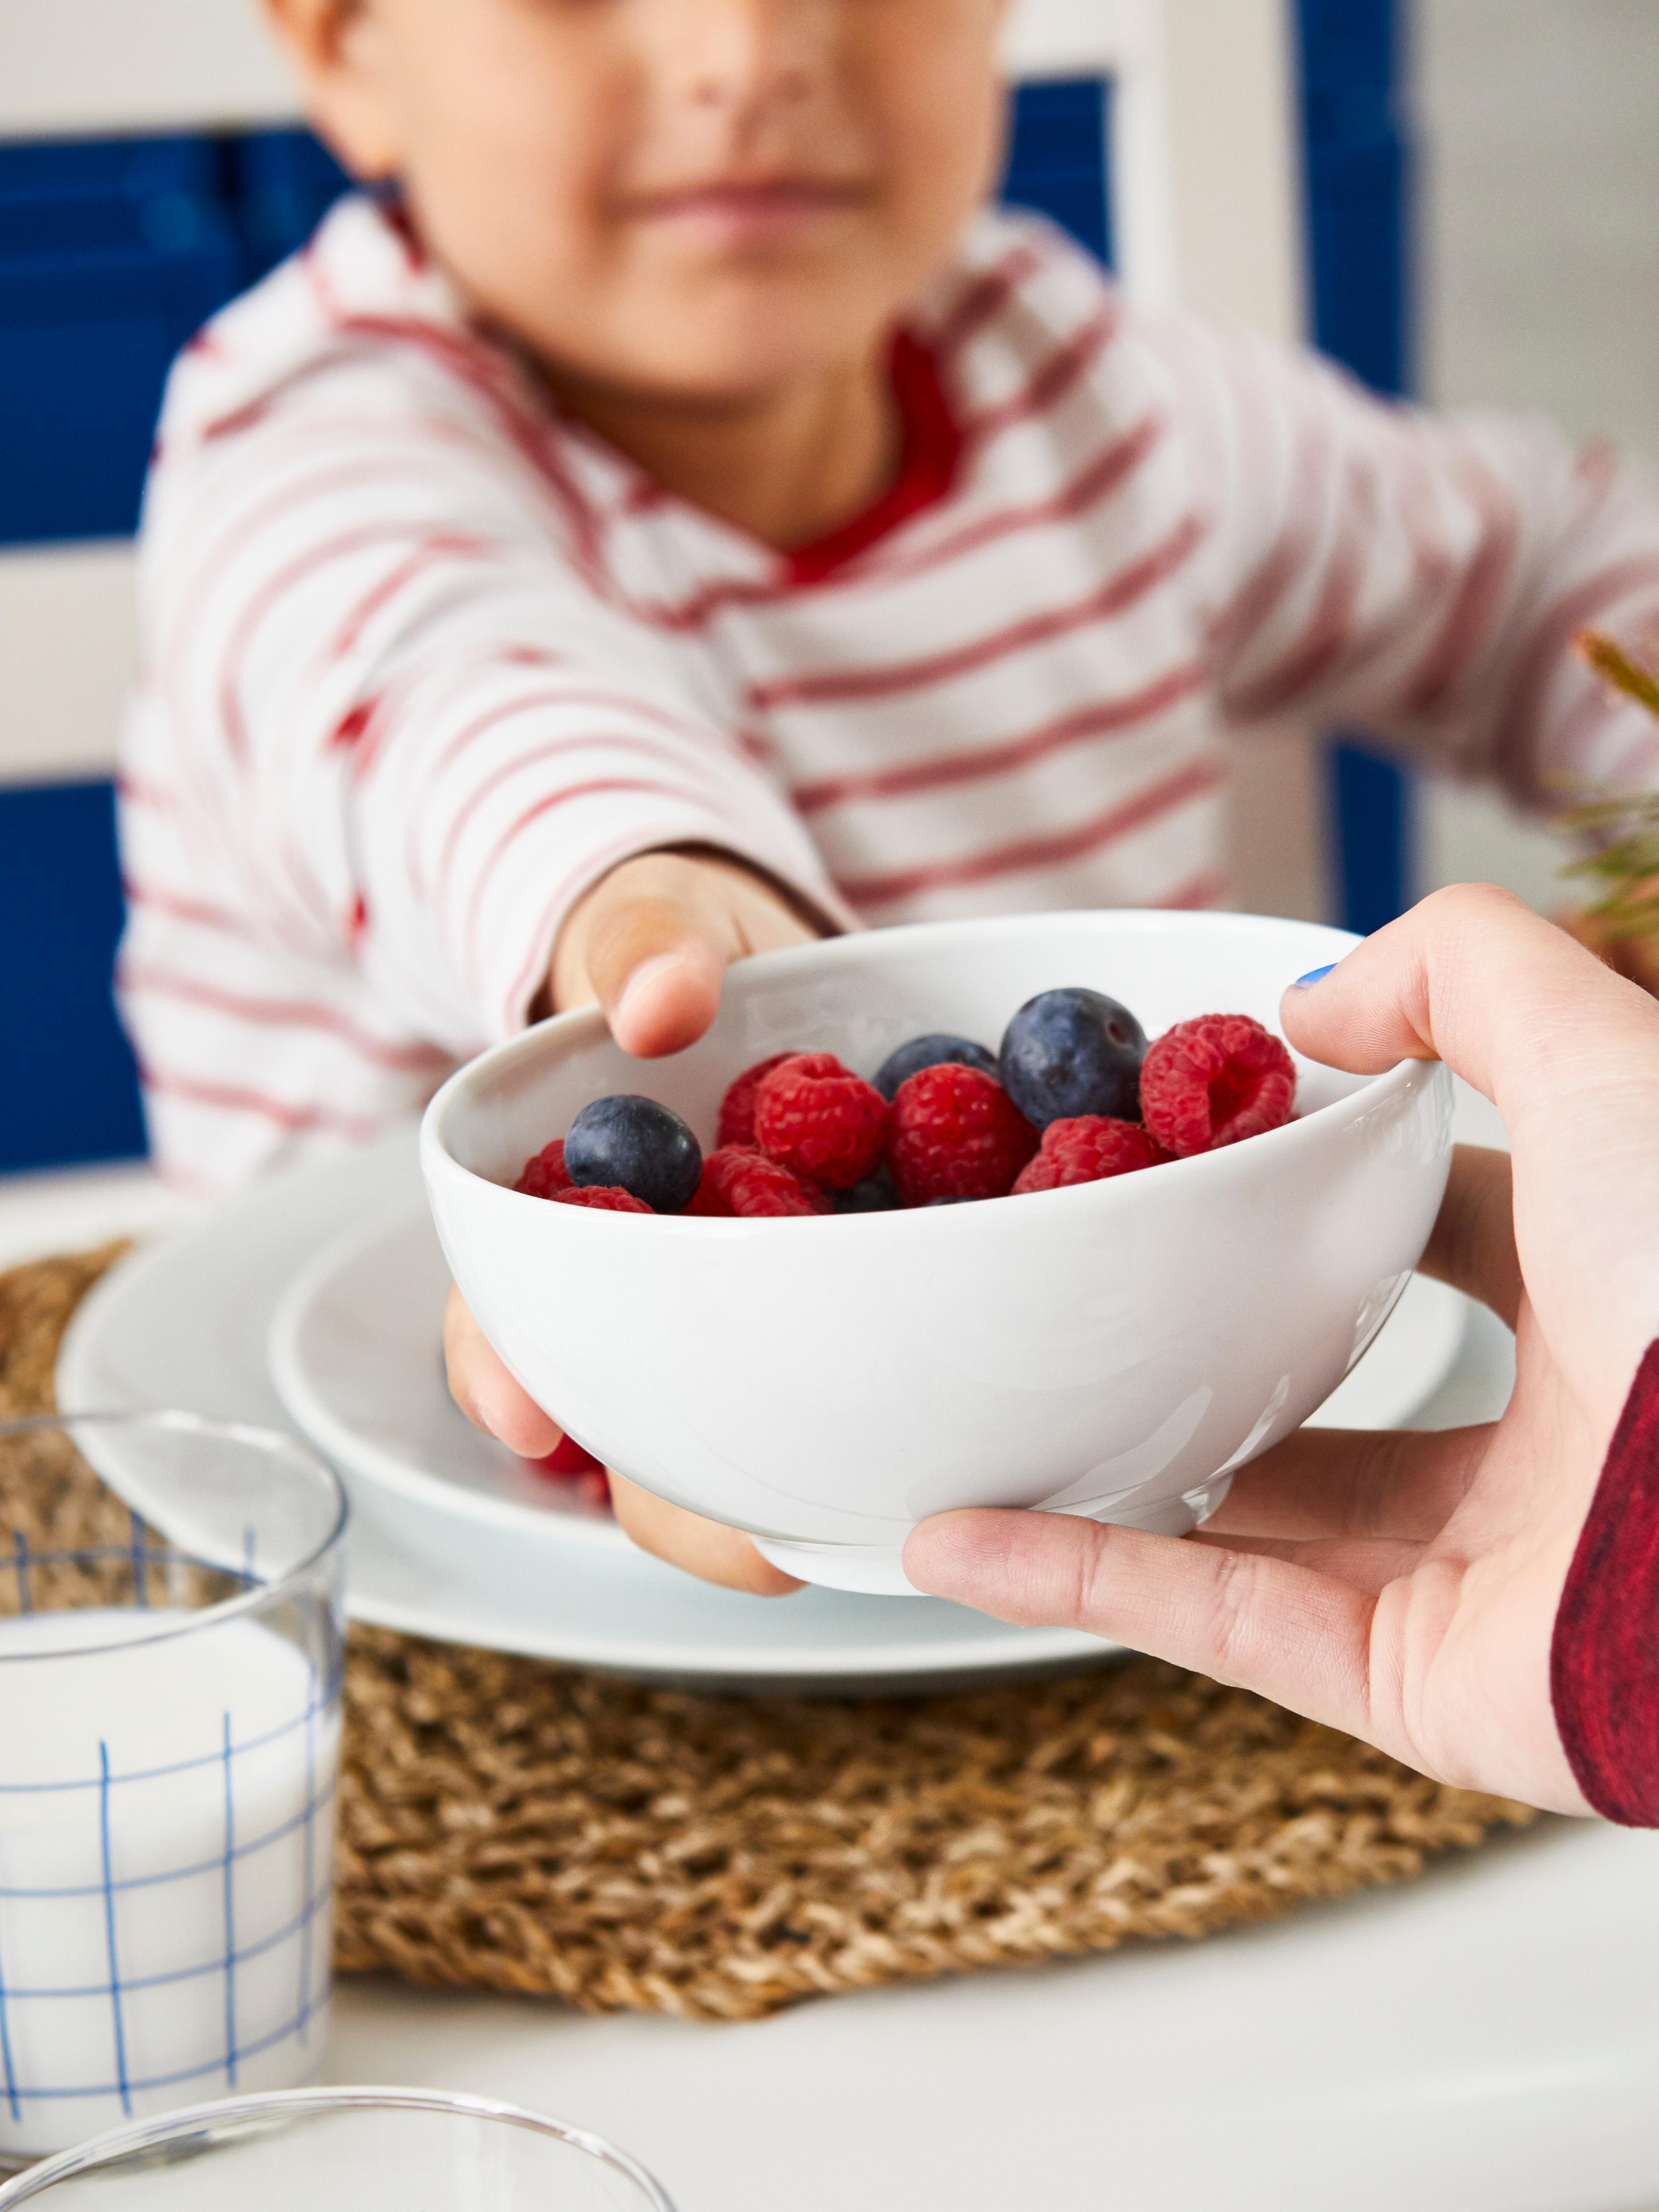 Malom djetetu u majici s bijelim i crvenim prugama dodaje se IKEA 365+ zdjela puna bobičastog voća.